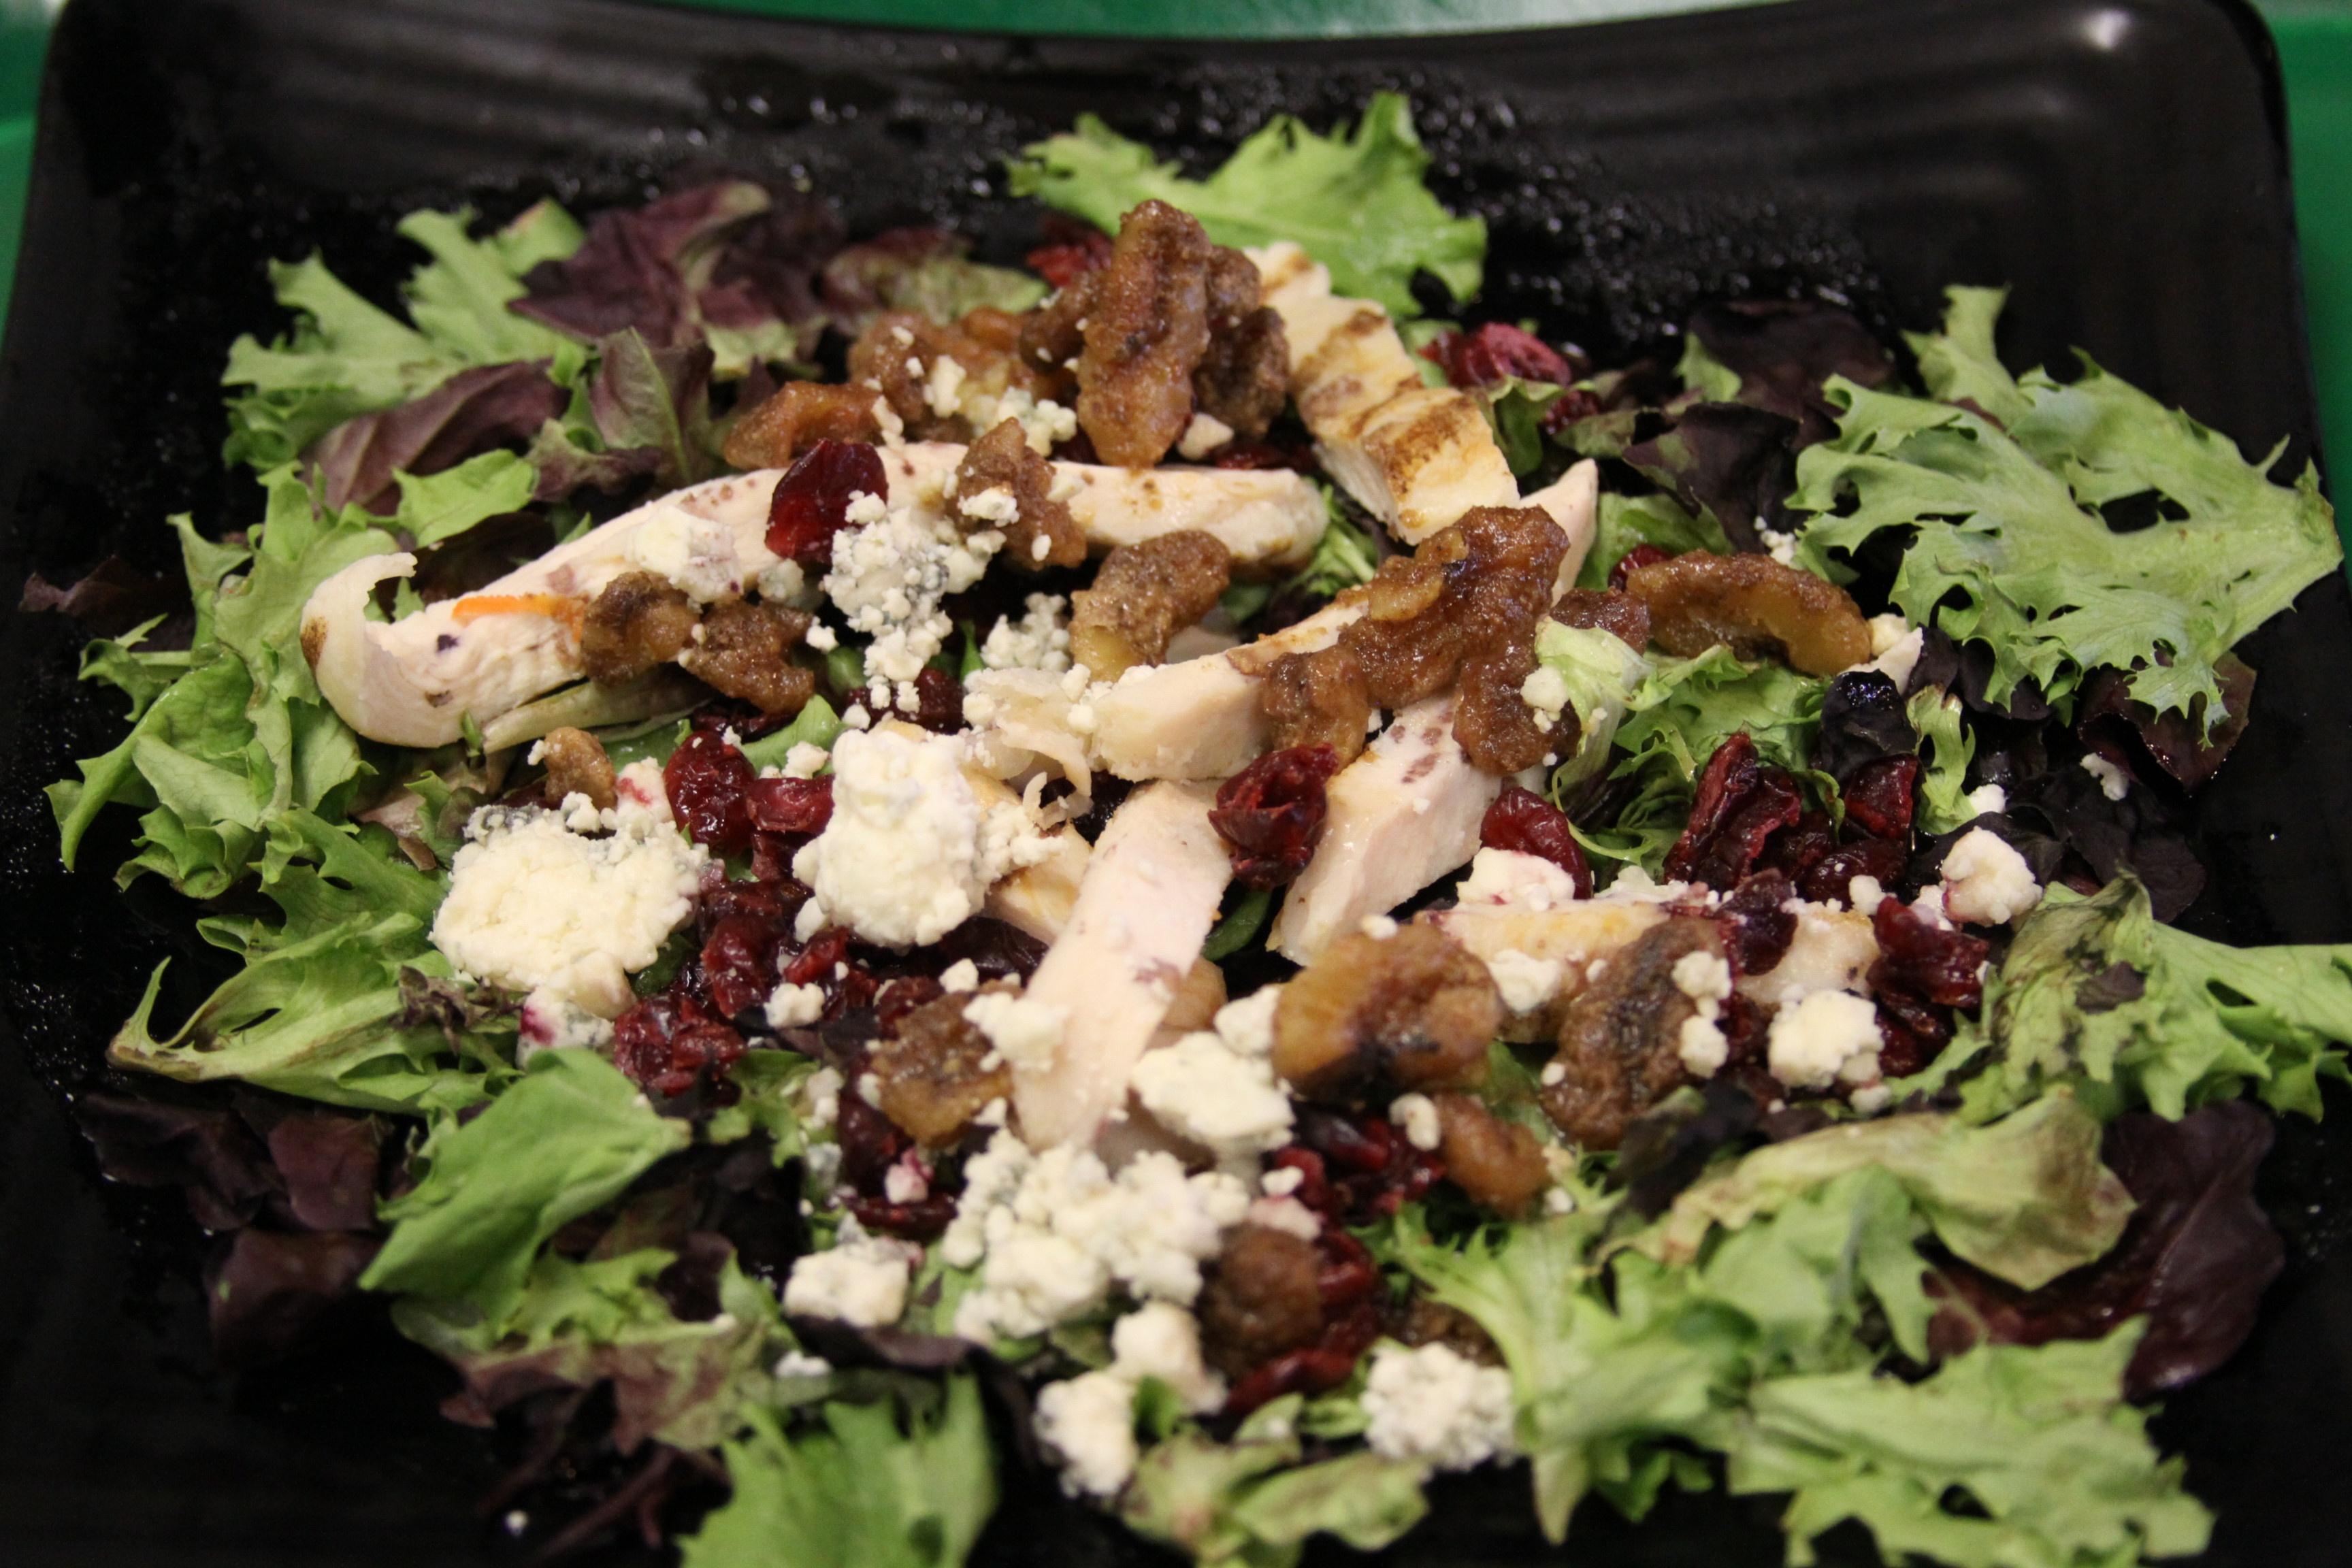 https://0201.nccdn.net/4_2/000/000/03f/ac7/Chicken-Gor-Salad-3456x2304.jpg